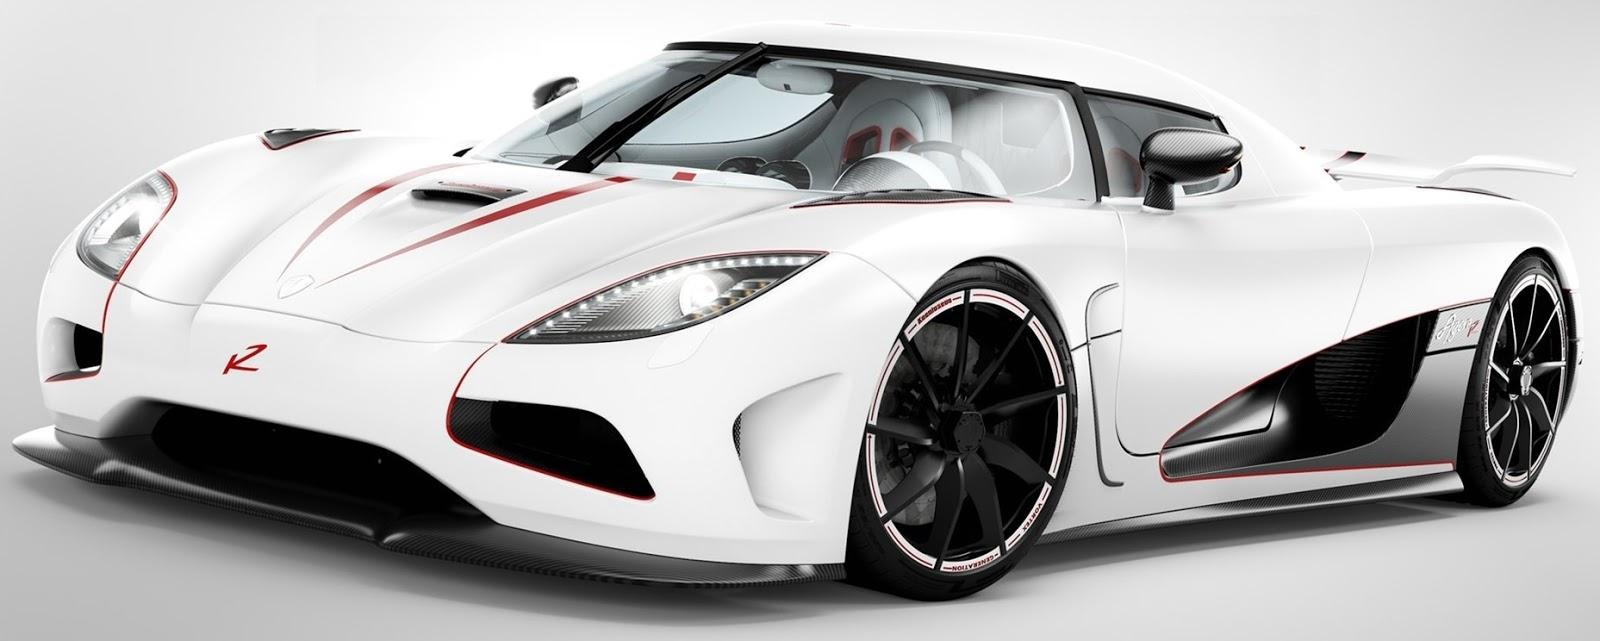 Gambar Mobil Ferrari Warna Putih